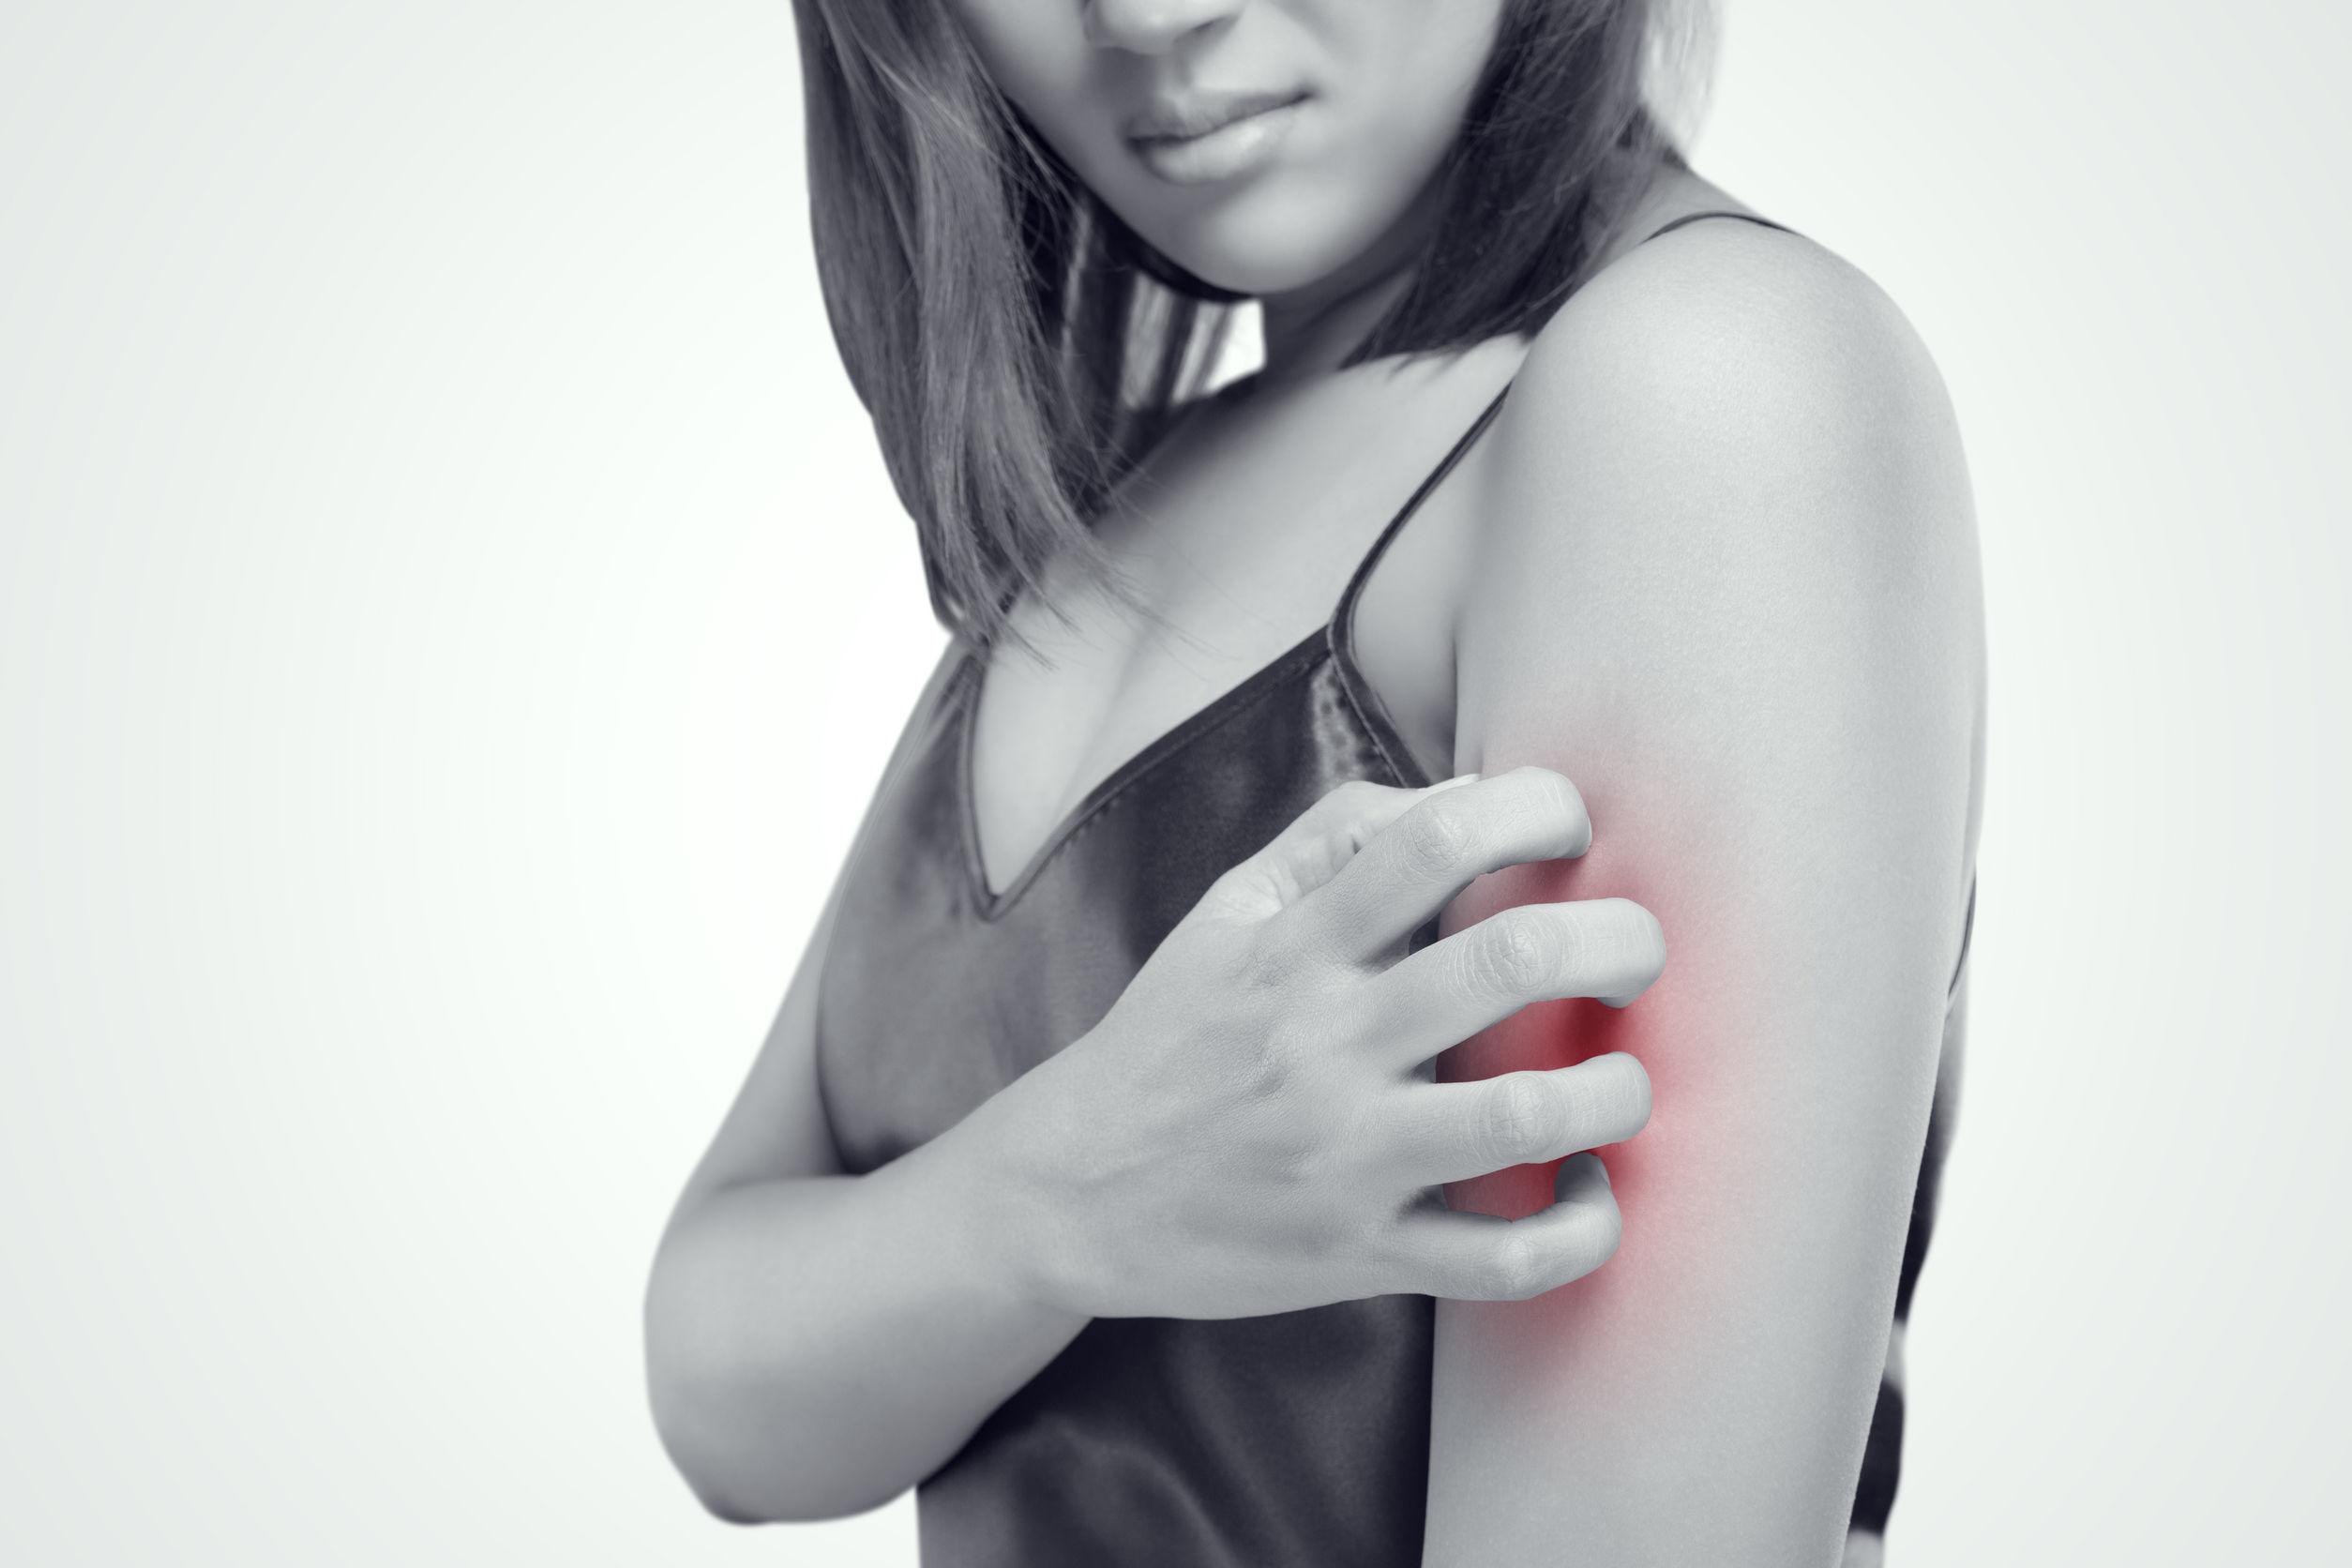 Zecuity Migraine Patch Lawsuit